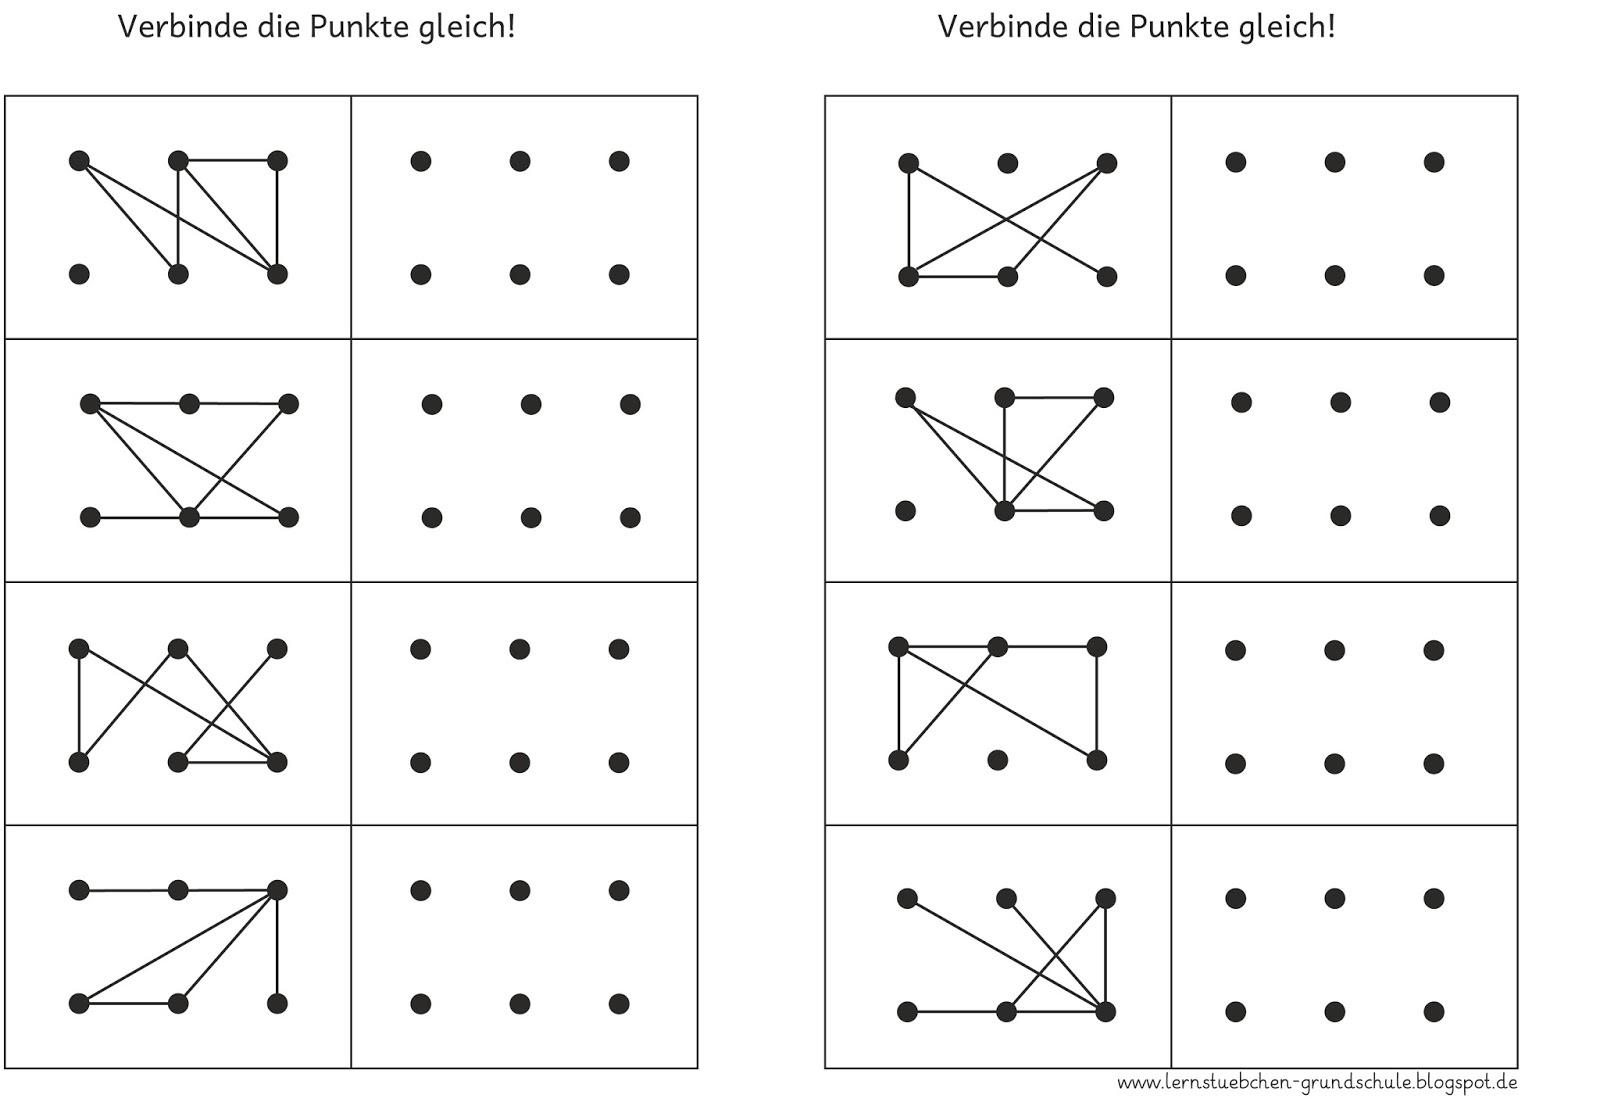 Ausgezeichnet Verbinde Die Punkte Arbeitsblatt Fotos - Super Lehrer ...